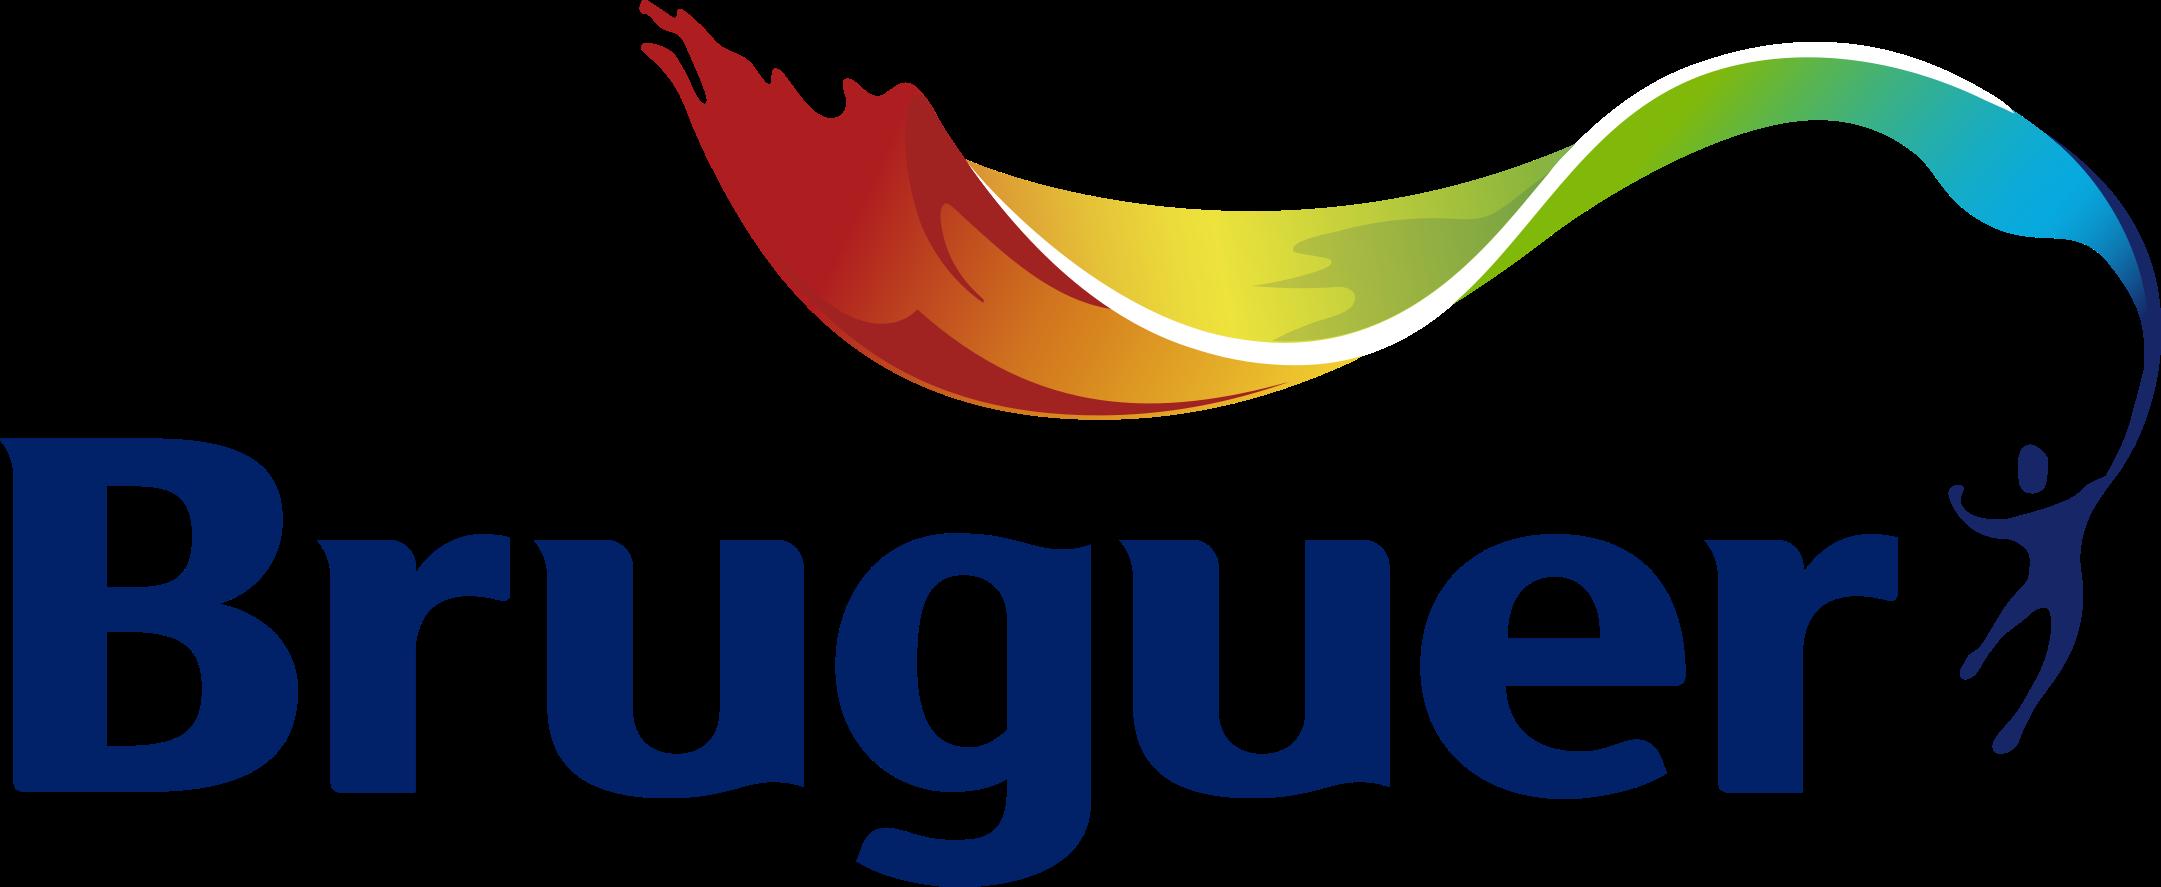 bruguer logo 1 - Bruguer Pinturas Logo